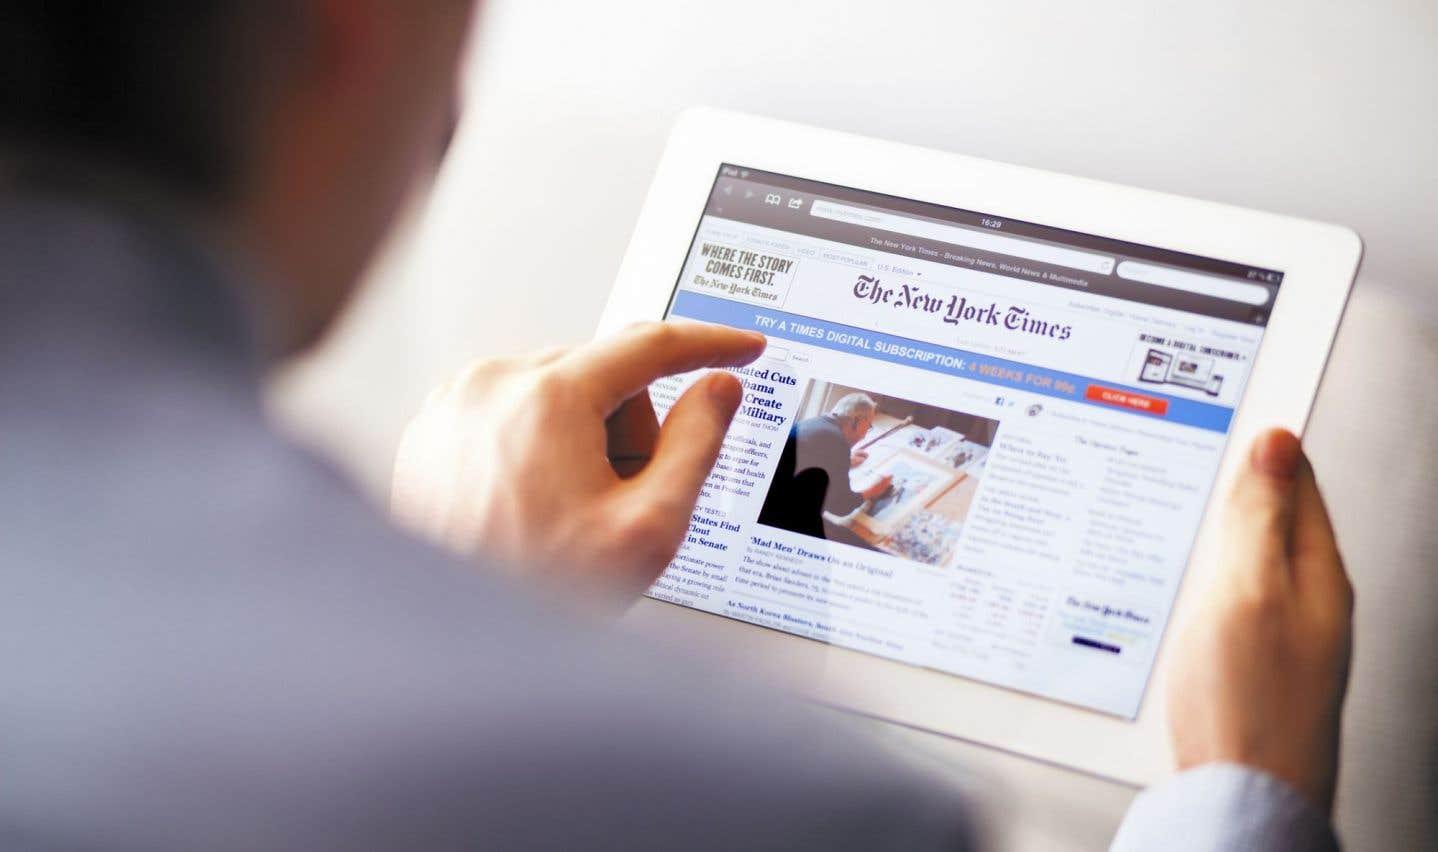 Le «New York Times» gagne toujours des abonnés, mais le rythme ralentit